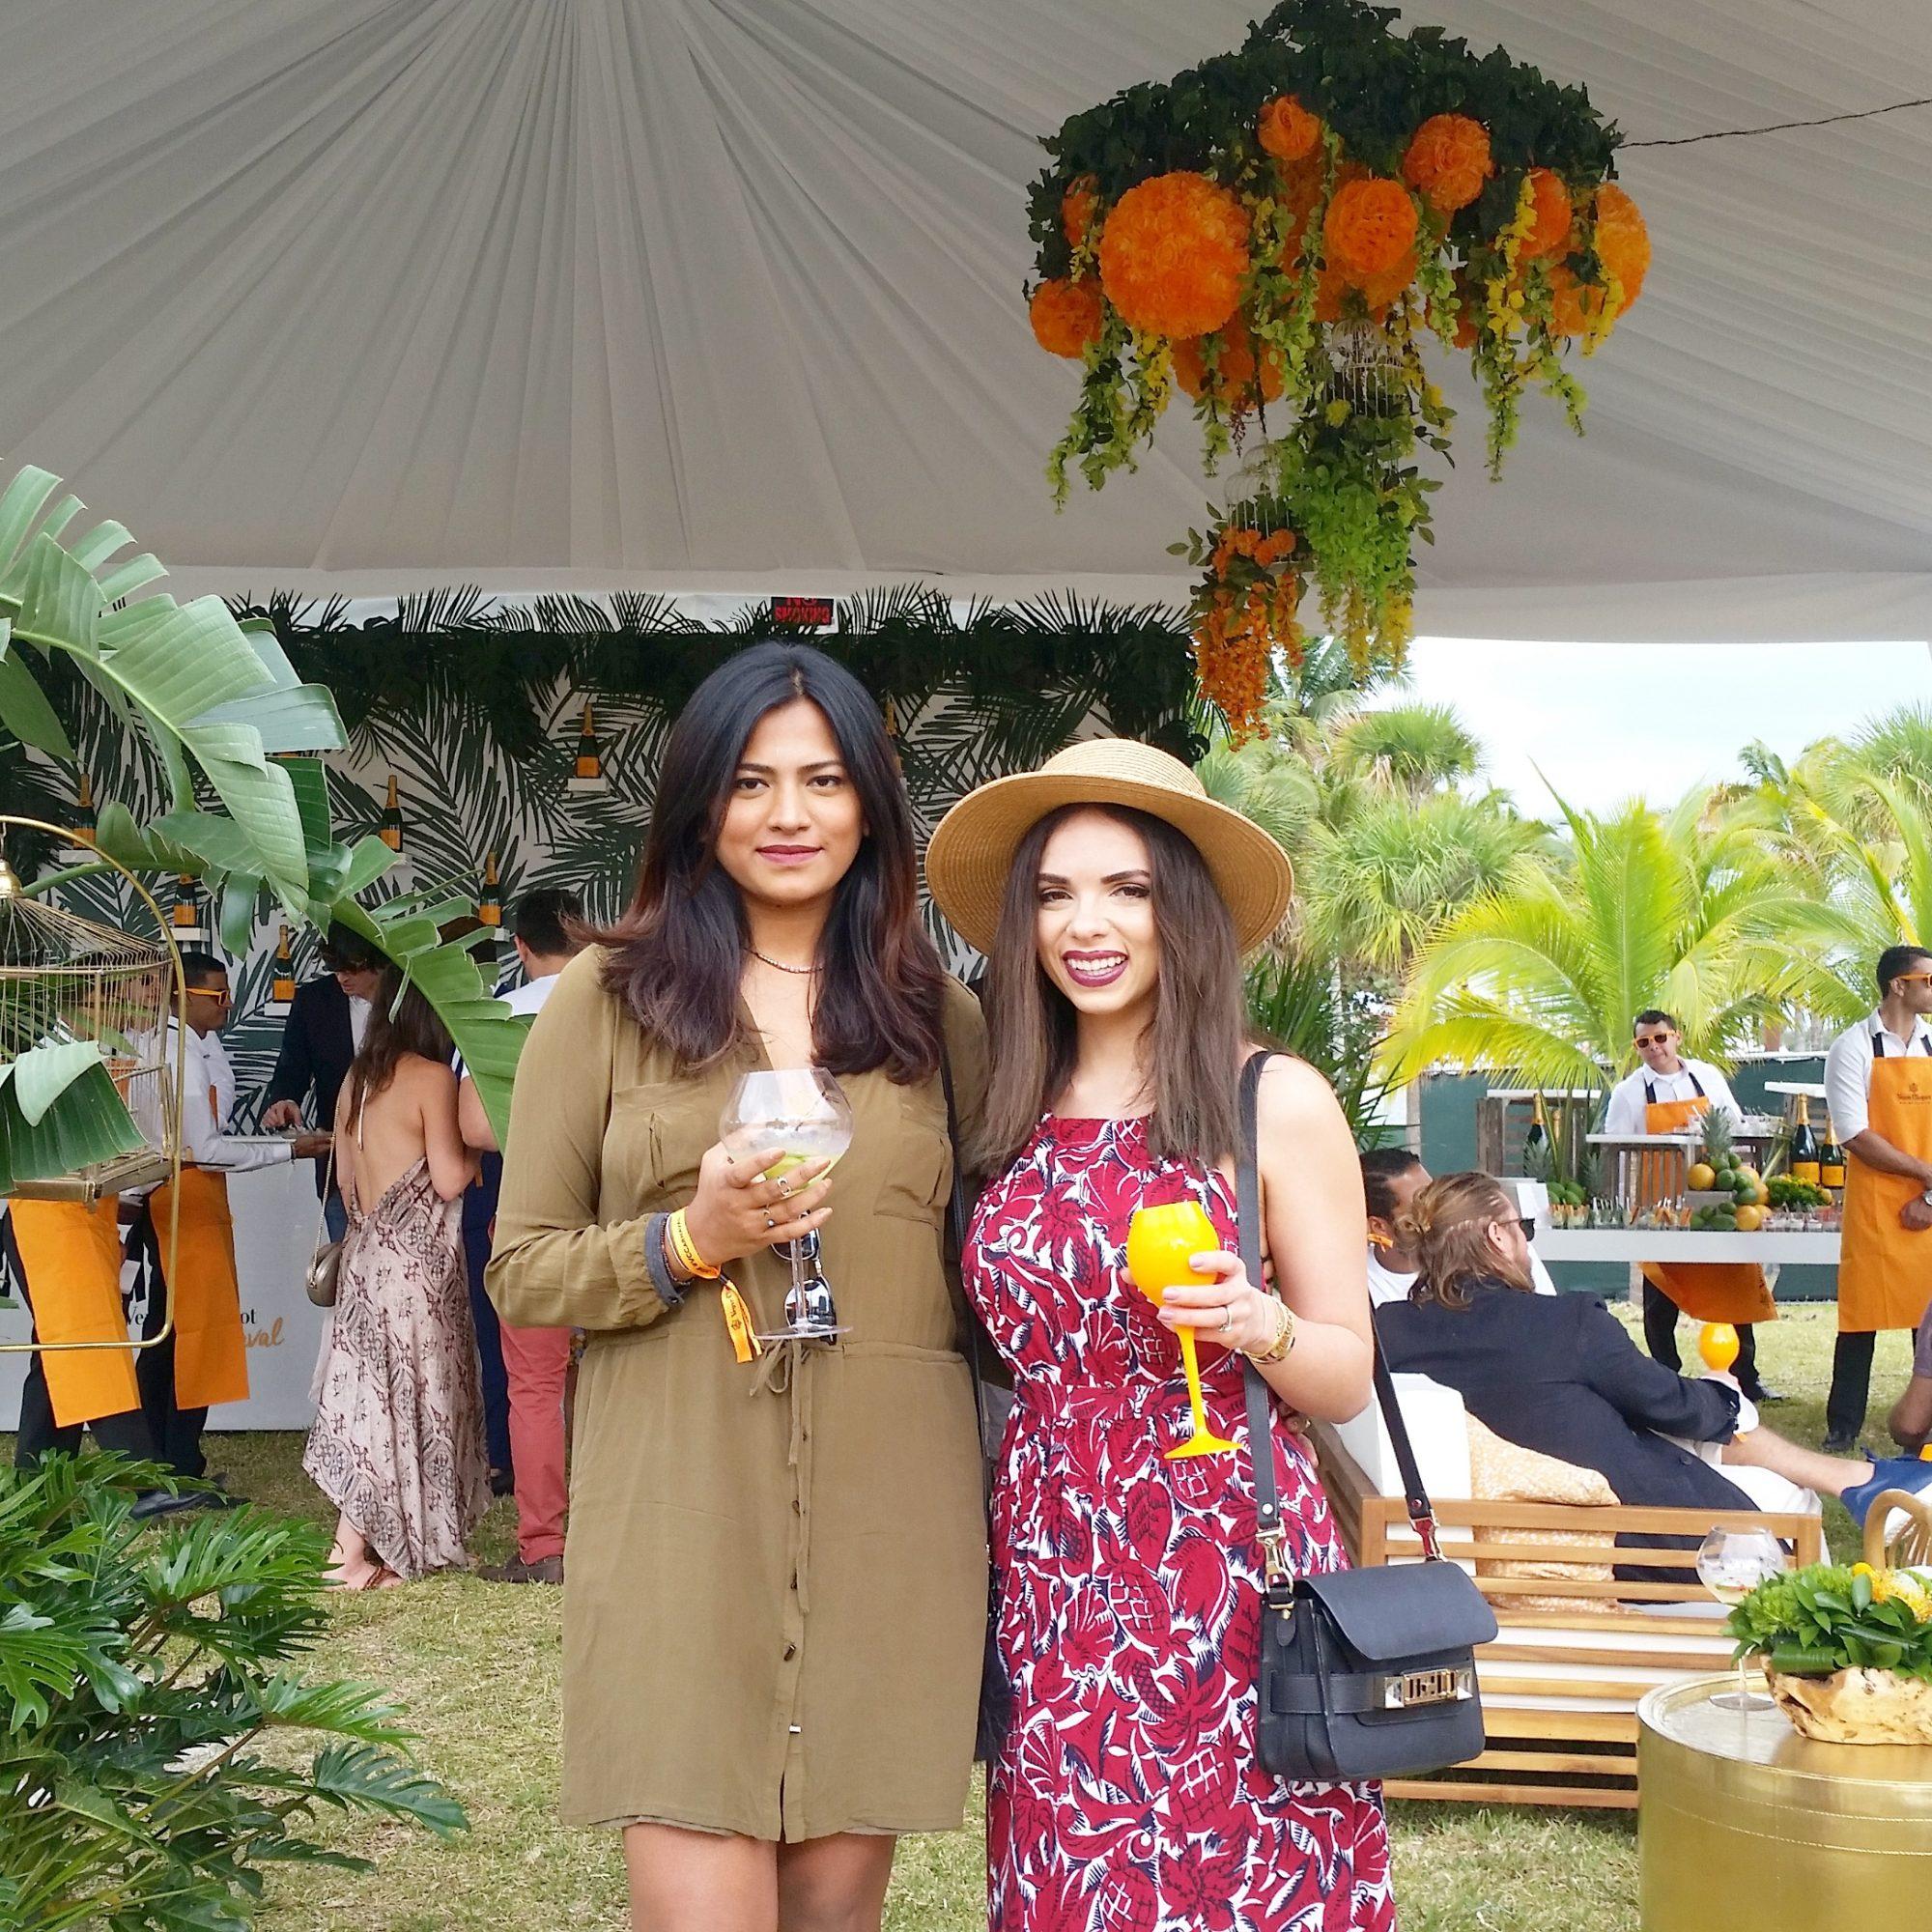 Miami Fahion Bloggers Chic Stylista & Nany's Klozet